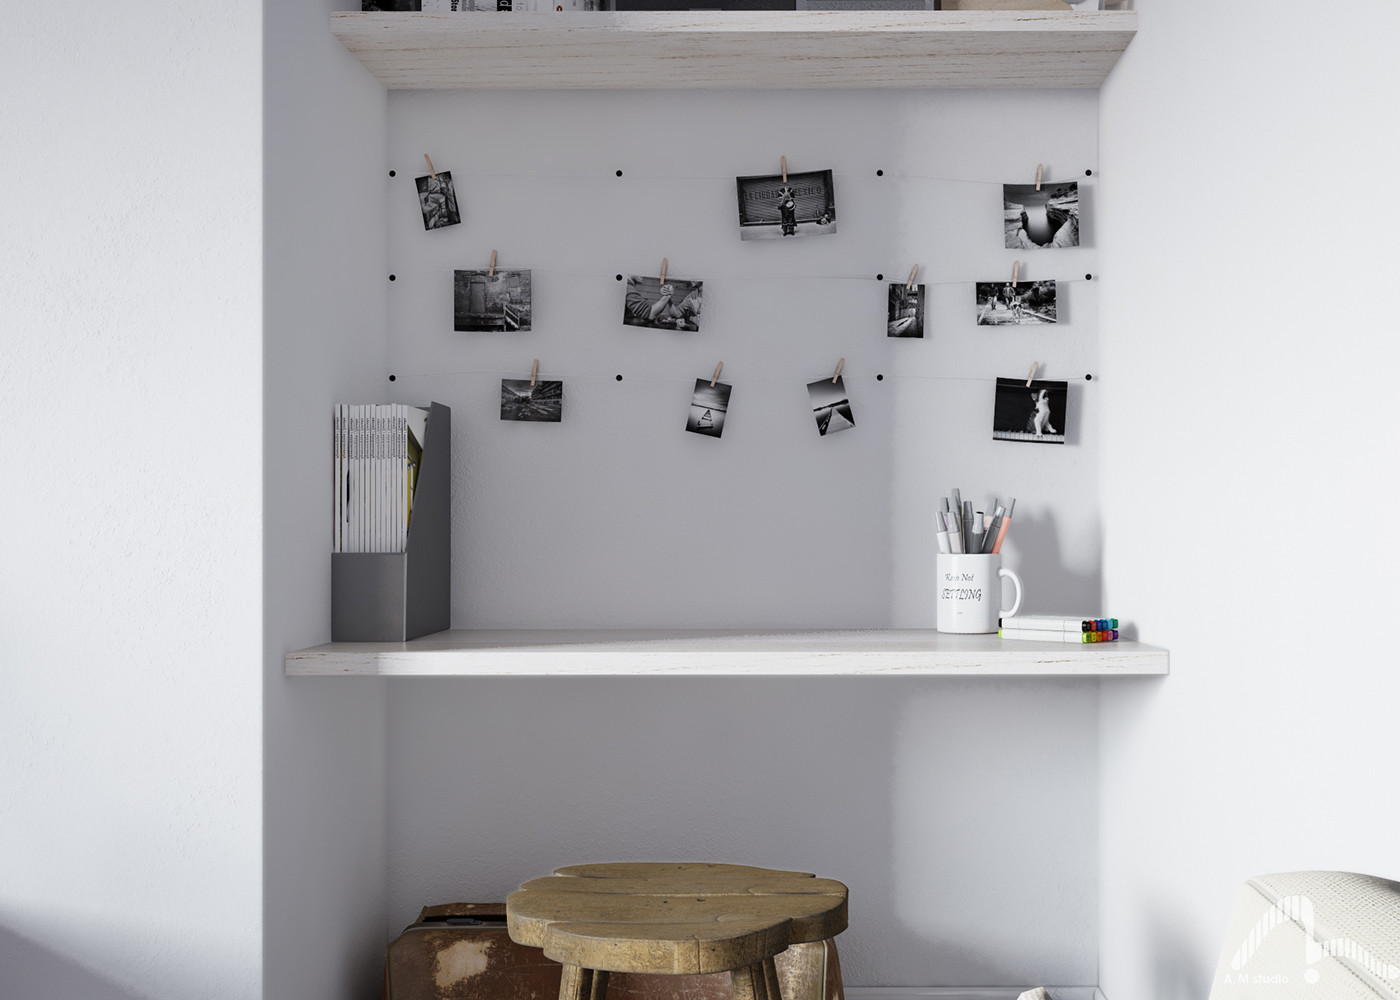 Digital Art  Interior architecture